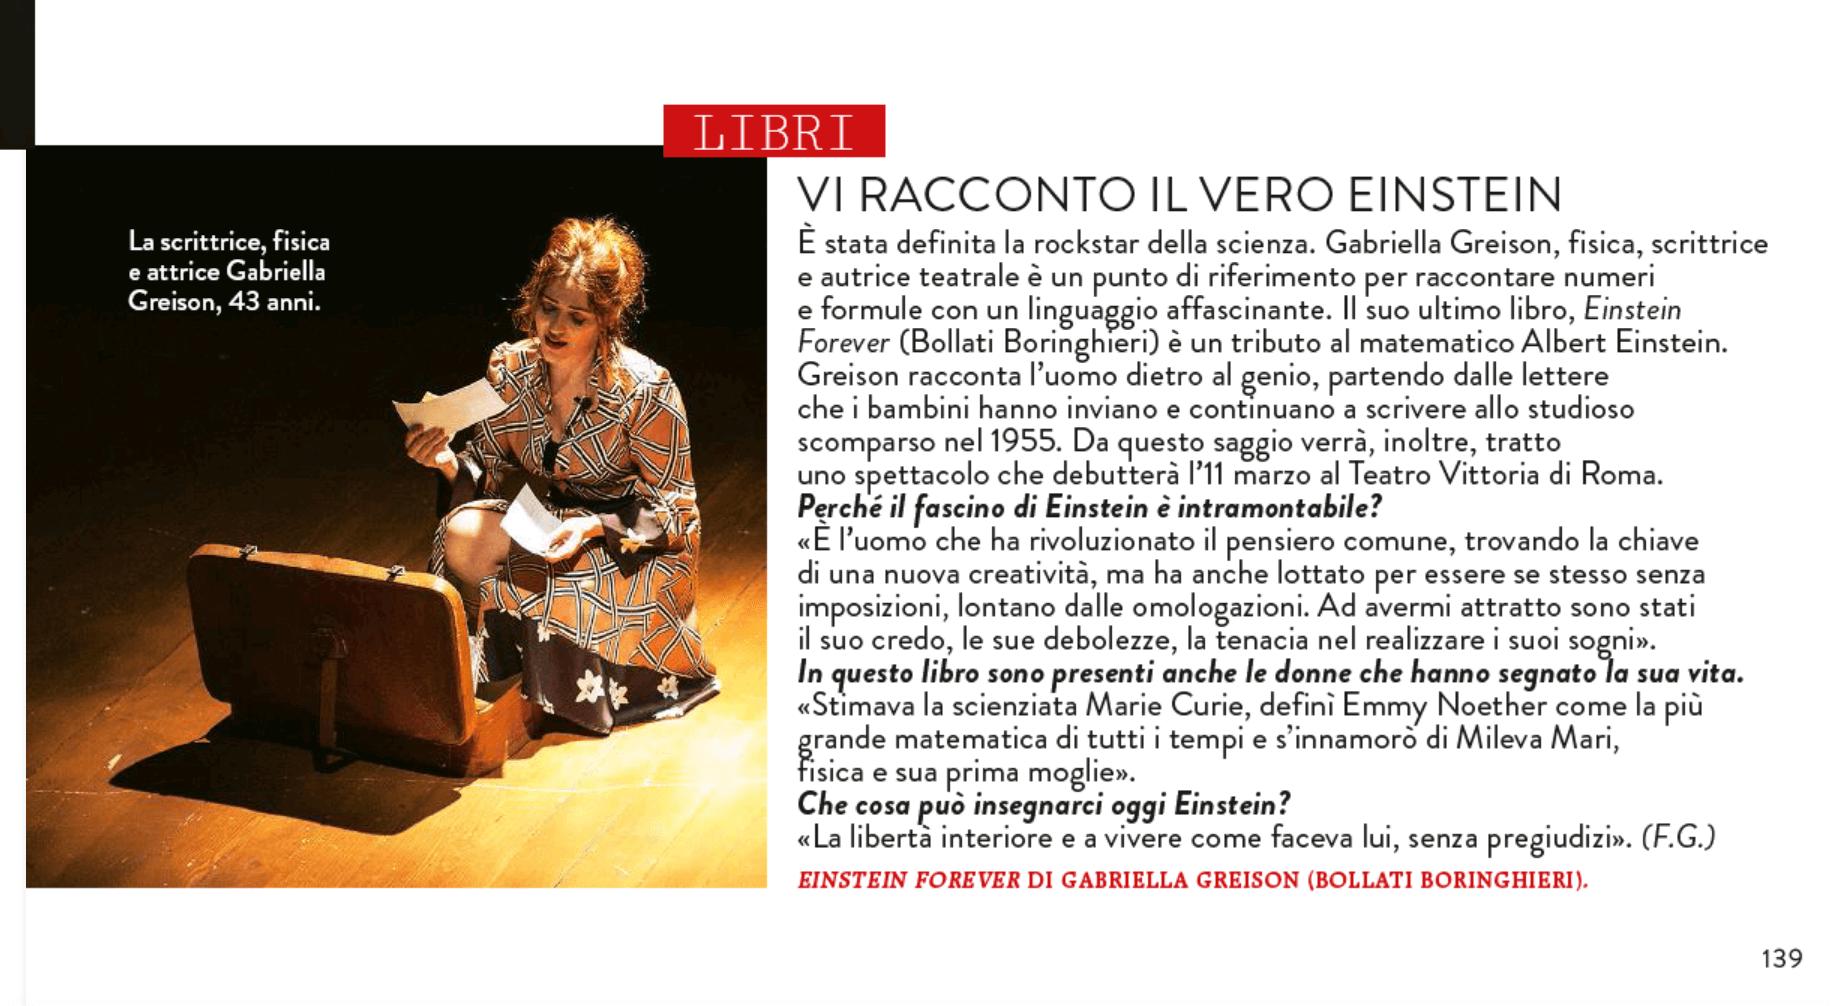 Ancora rassegna stampa su EINSTEIN FOREVER (il mio nuovo libro)…ci vediamo a Torino e a Milano per le prime presentazioni!